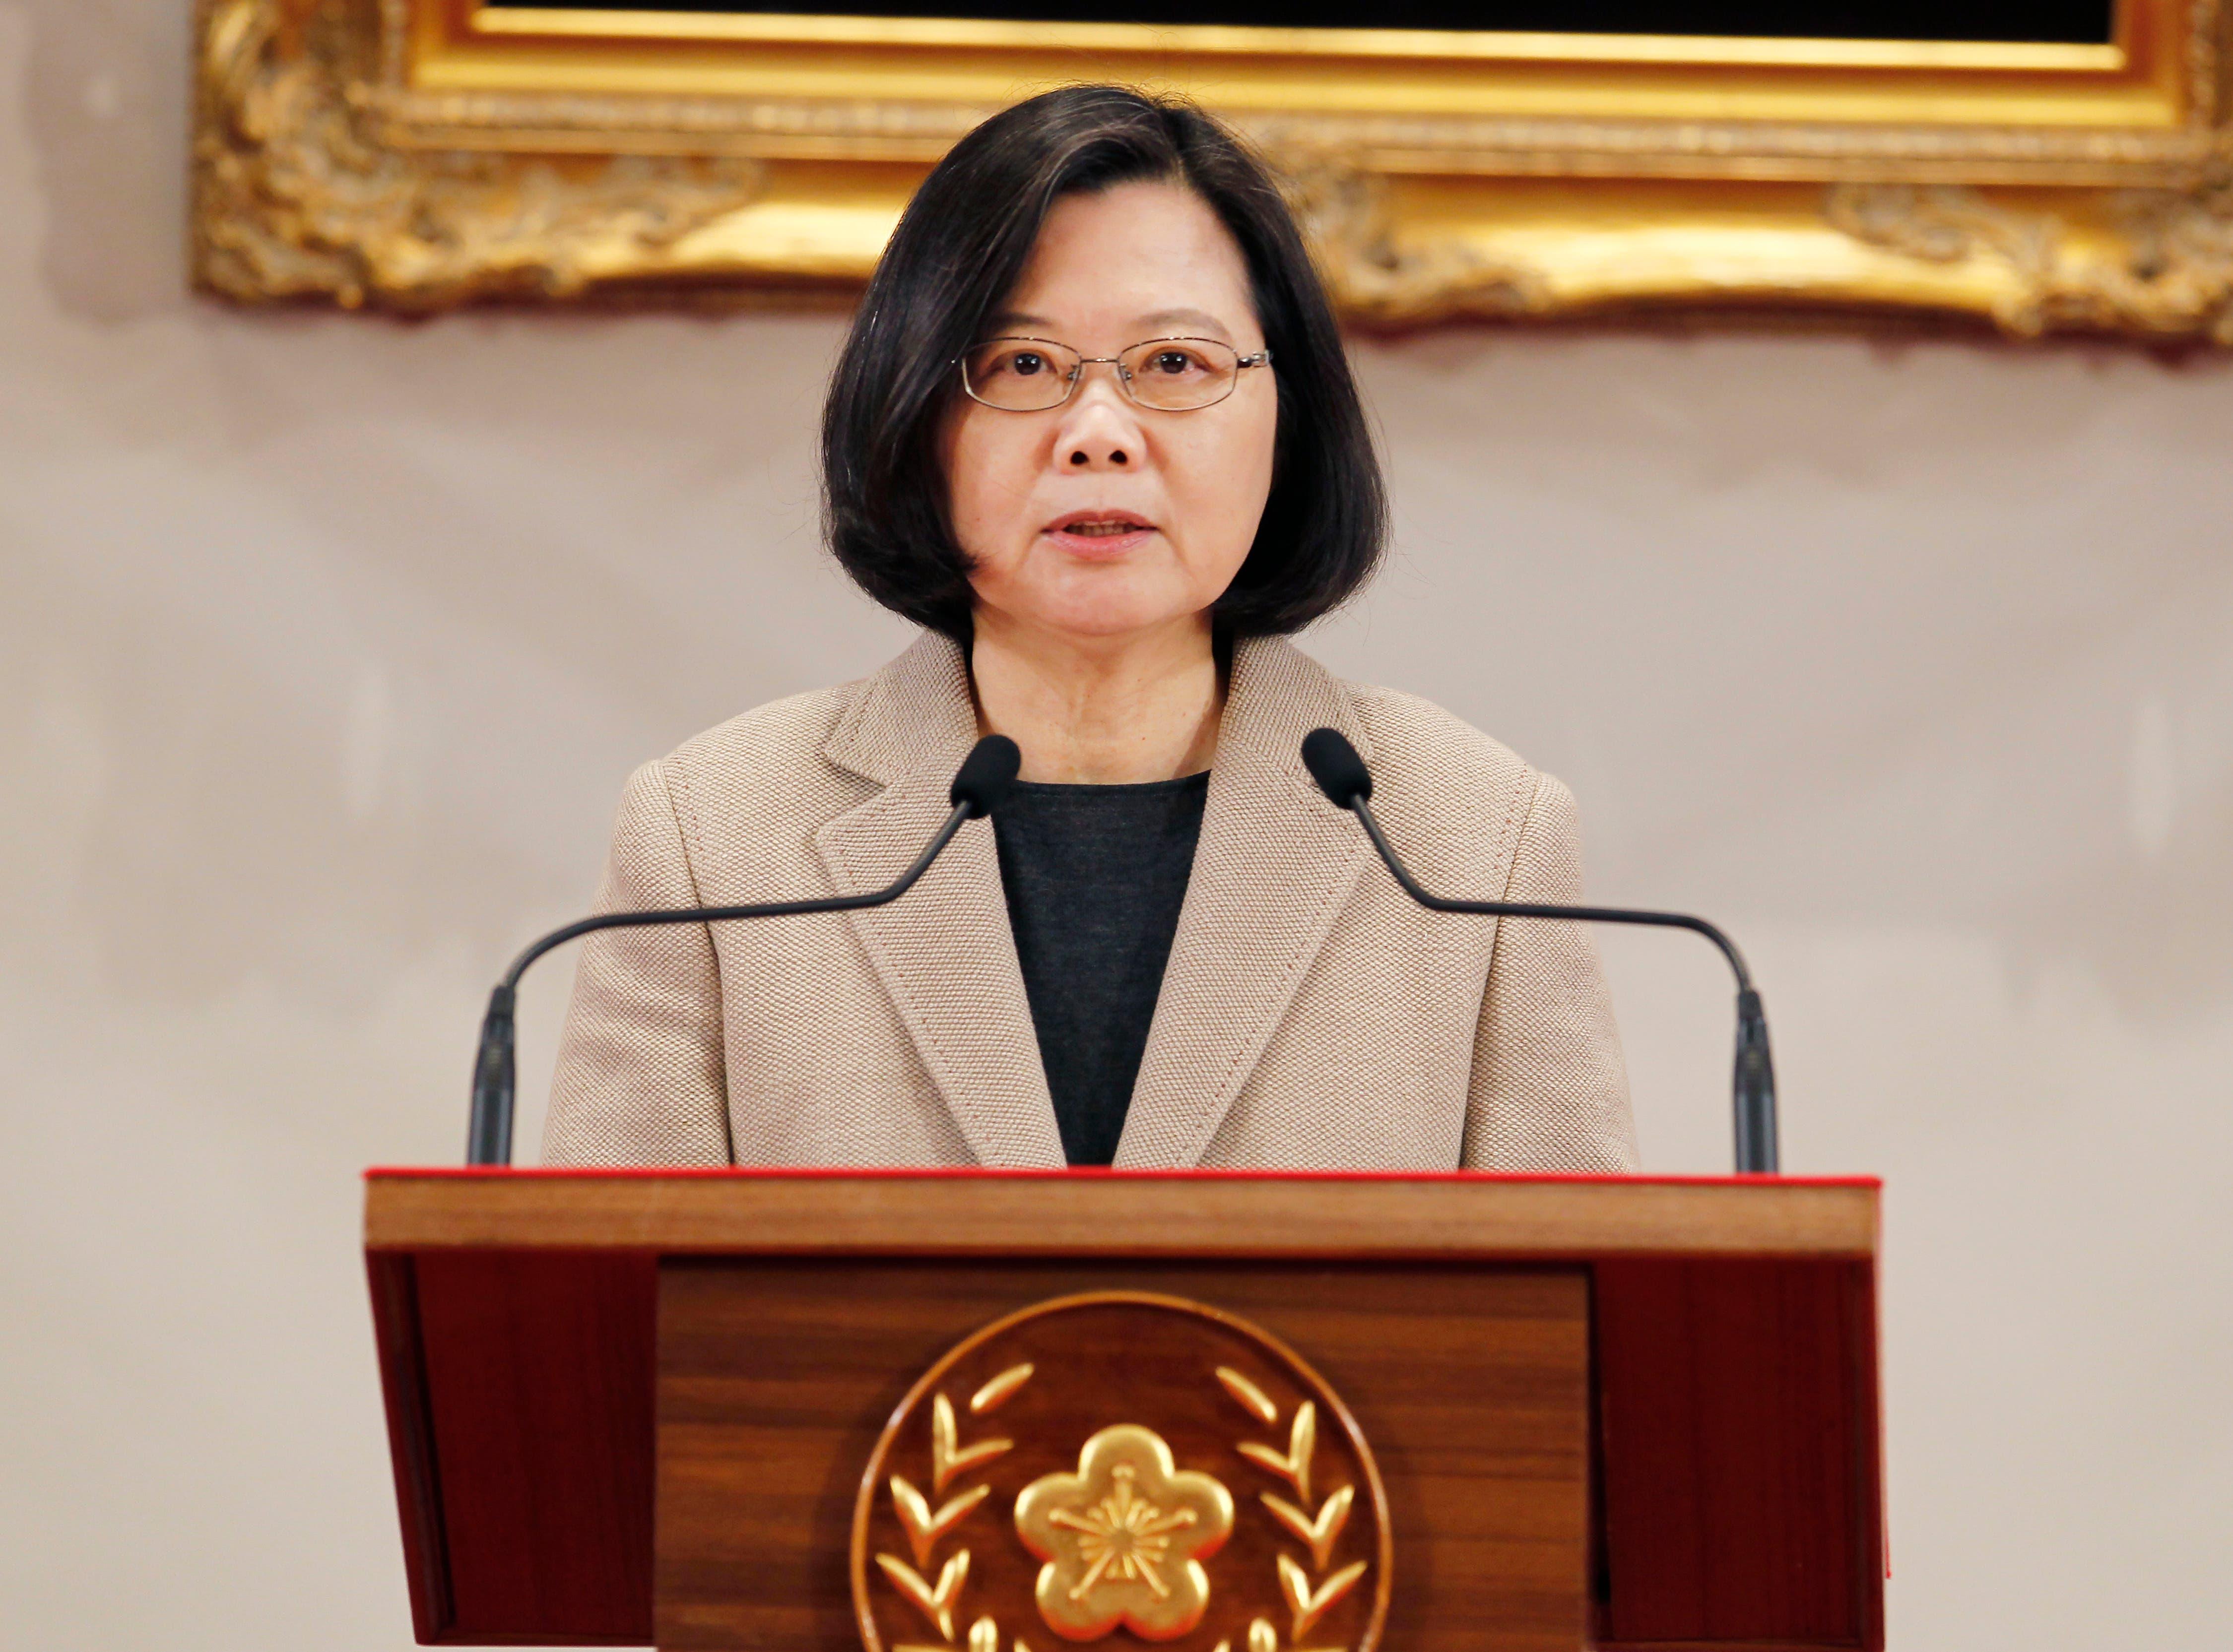 La presidenta de Taiwán pide a China que respete su democracia